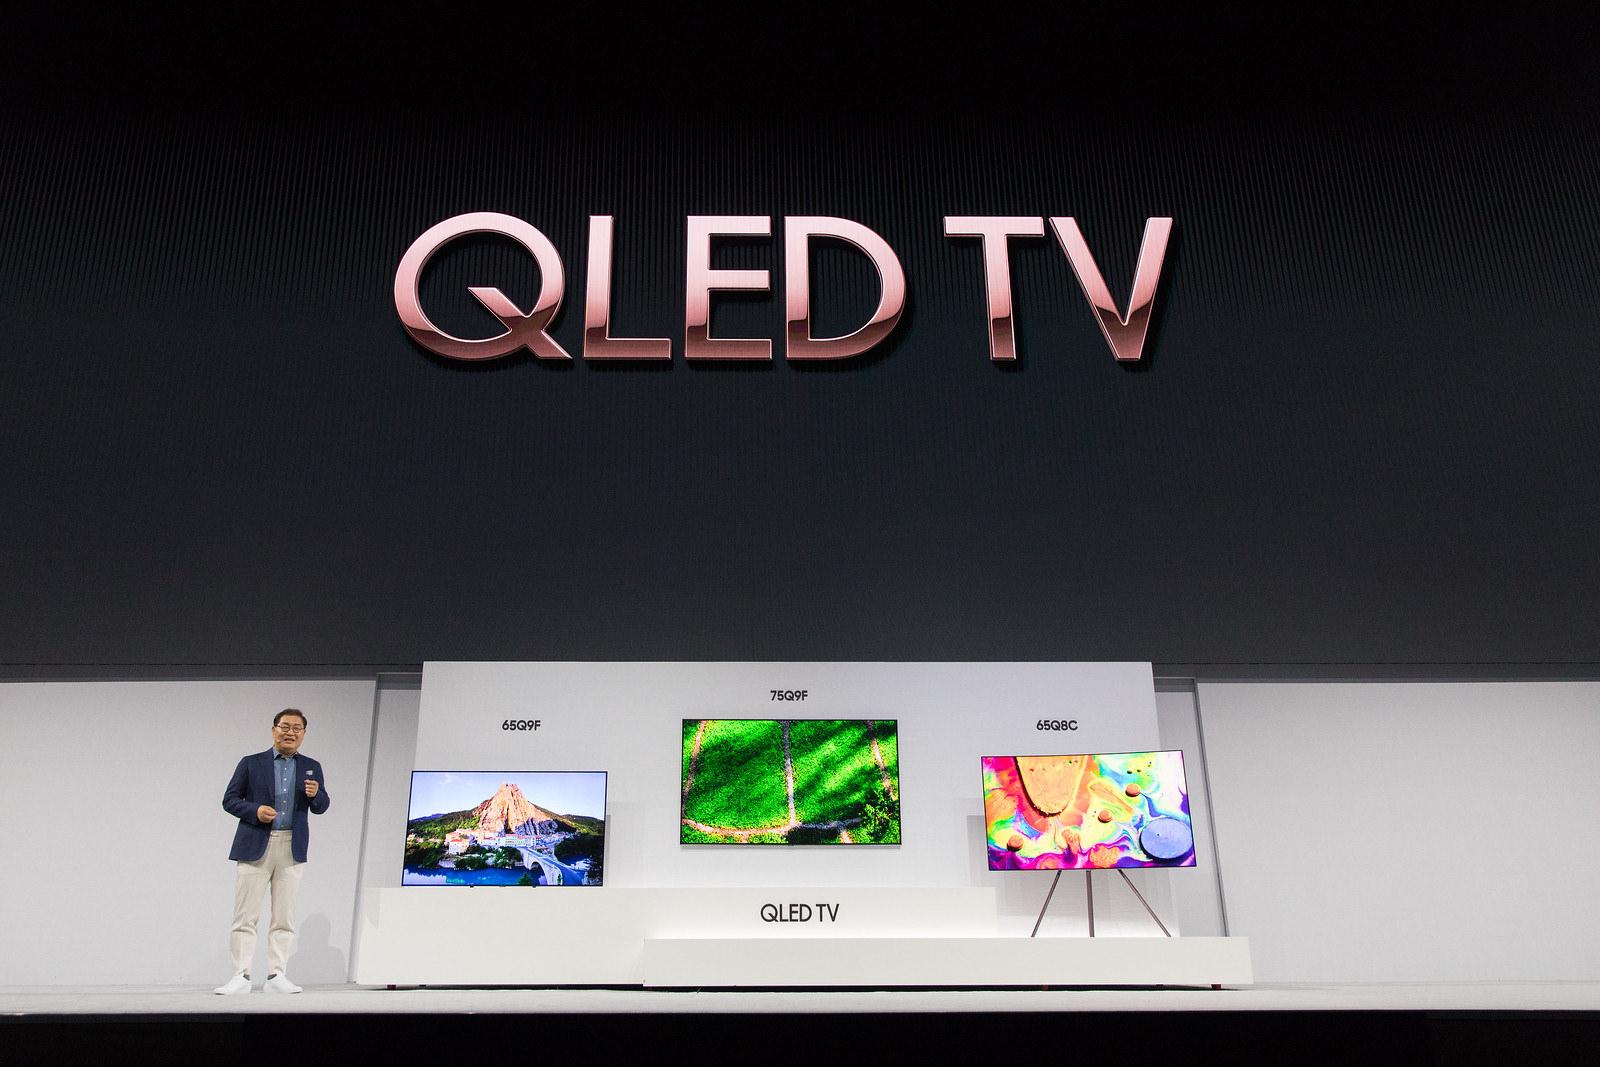 QLED TV 2018